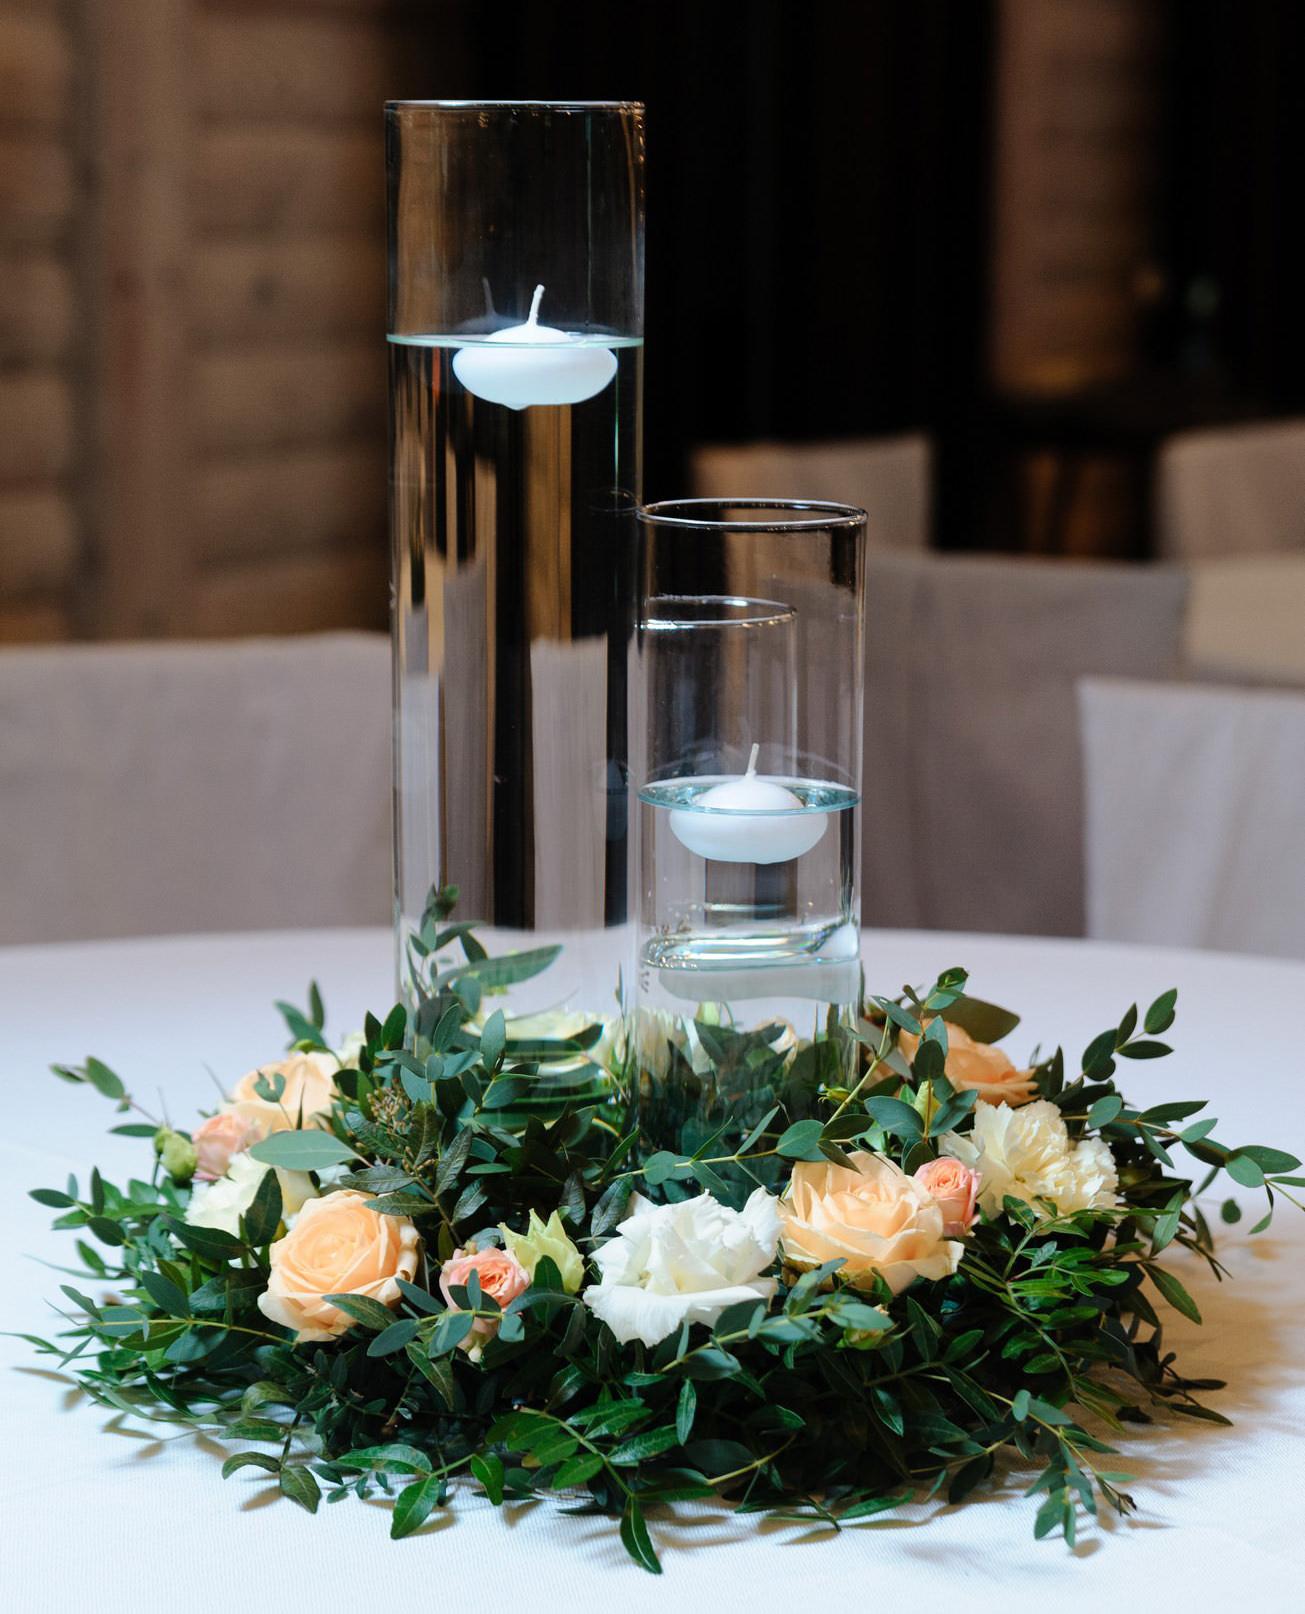 Венок из зелени и живых цветов на столы гостей с высокими колбами для плавающих свечей